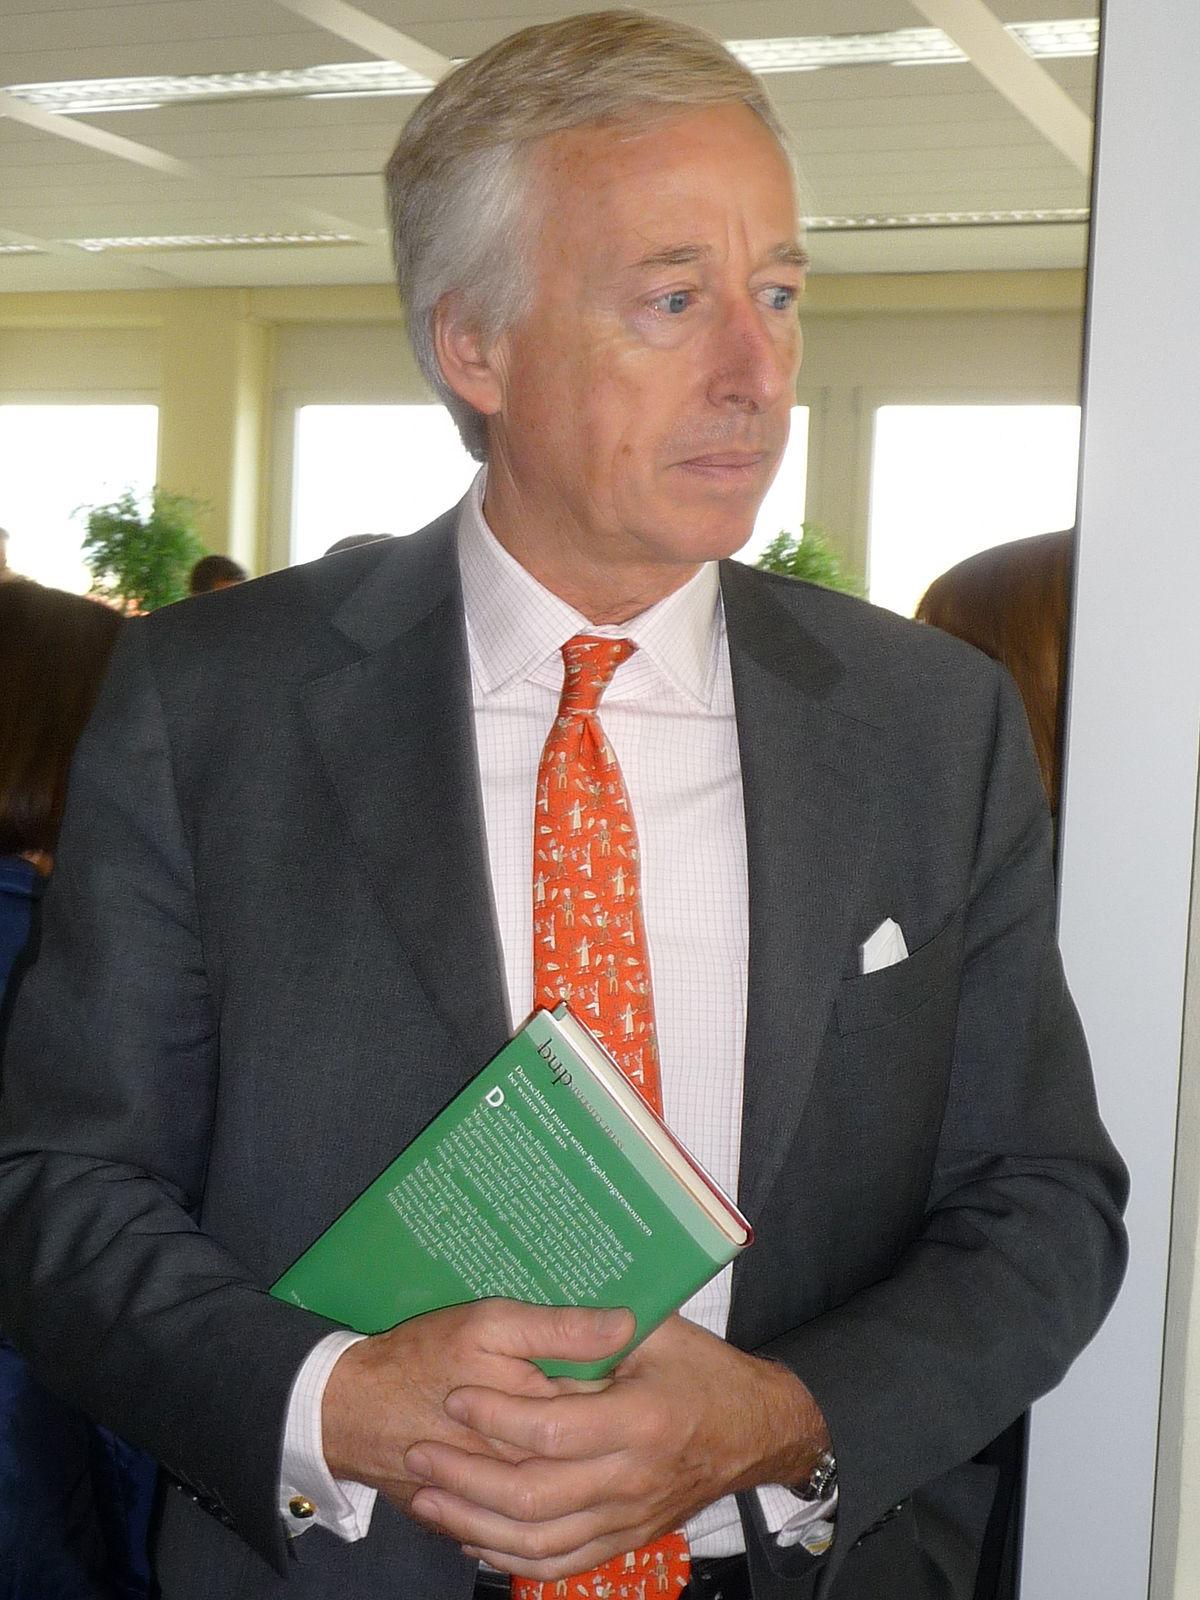 franz markus haniel  u2013 wikipedia